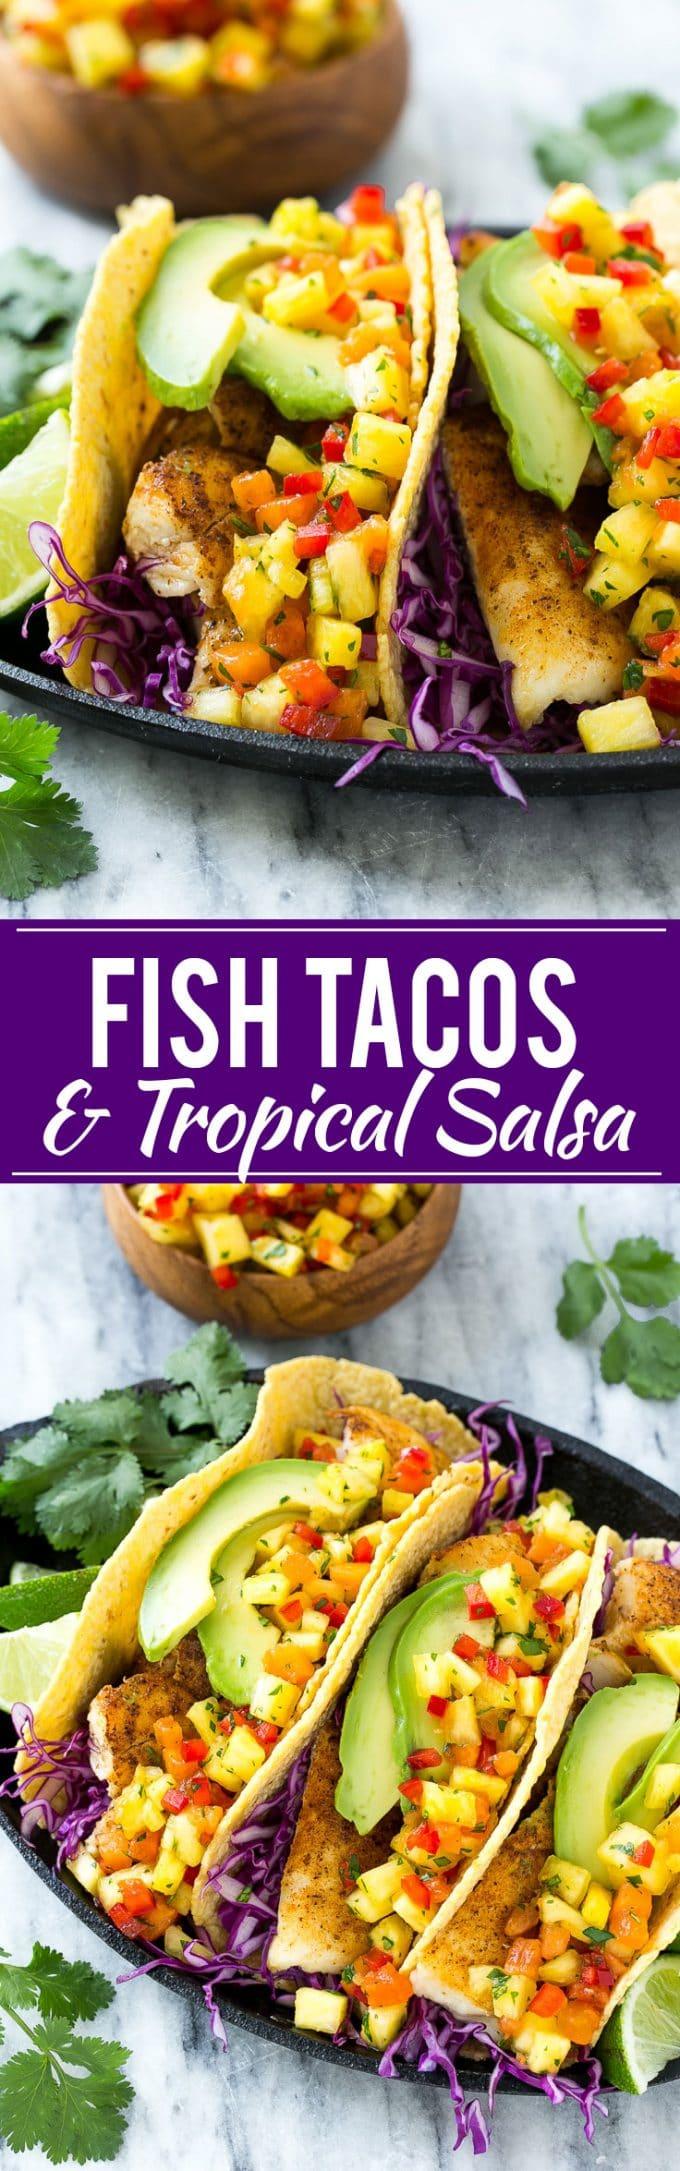 Tilapia Fish Tacos with Tropical Salsa Recipe | Tilapia Fish Taco Recipe | Easy Fish Tacos | Tropical Fish Tacos | Grilled Fish Tacos | Best Fish Tacos | Healthy Tilapia Recipe | Easy Fish Dinner